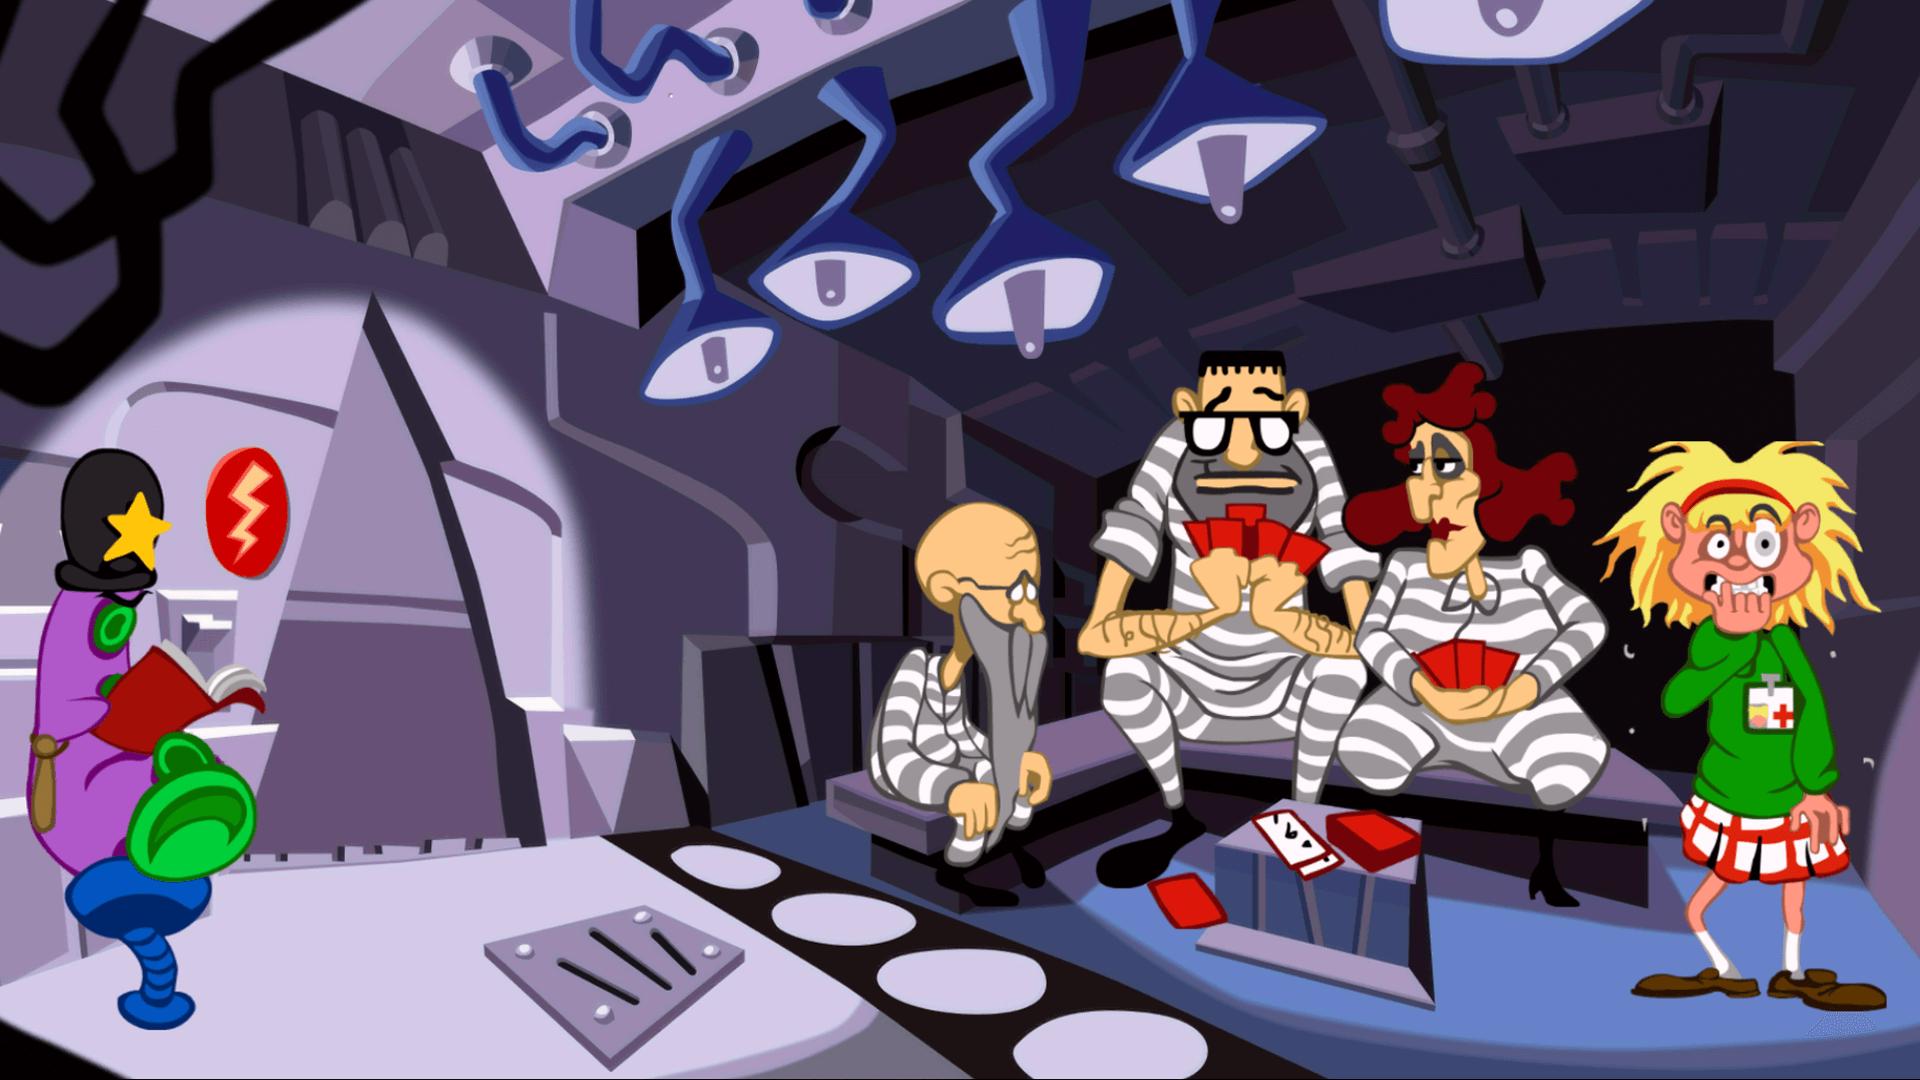 Day of the Tentacle Remastered: Die Zukunft sieht wenig rosig, sondern eher purpur aus (Bildrechte: Double Fine Productions)